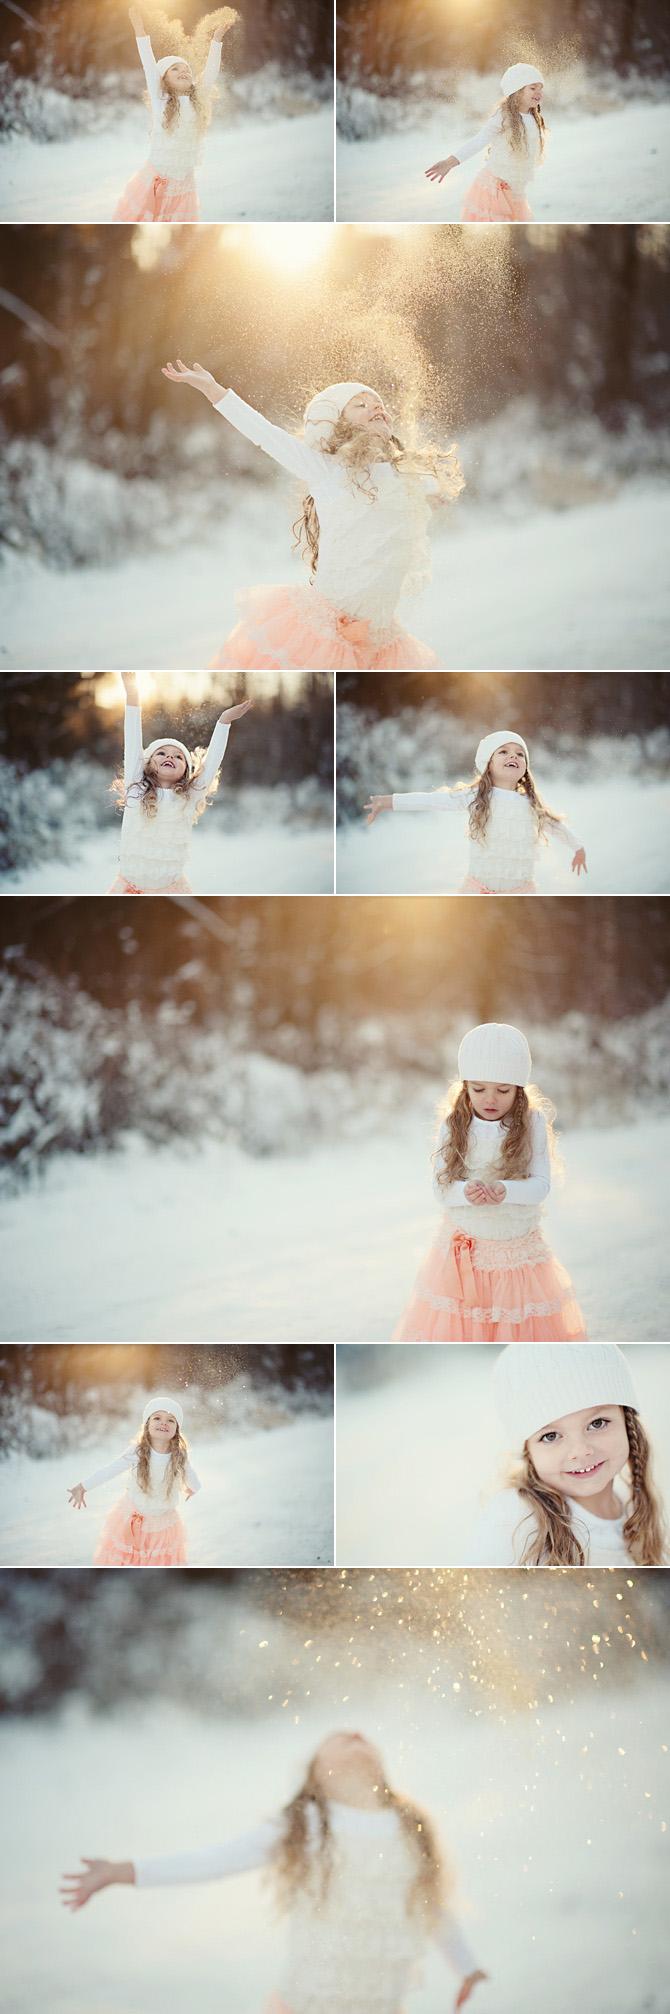 glitter girl snow